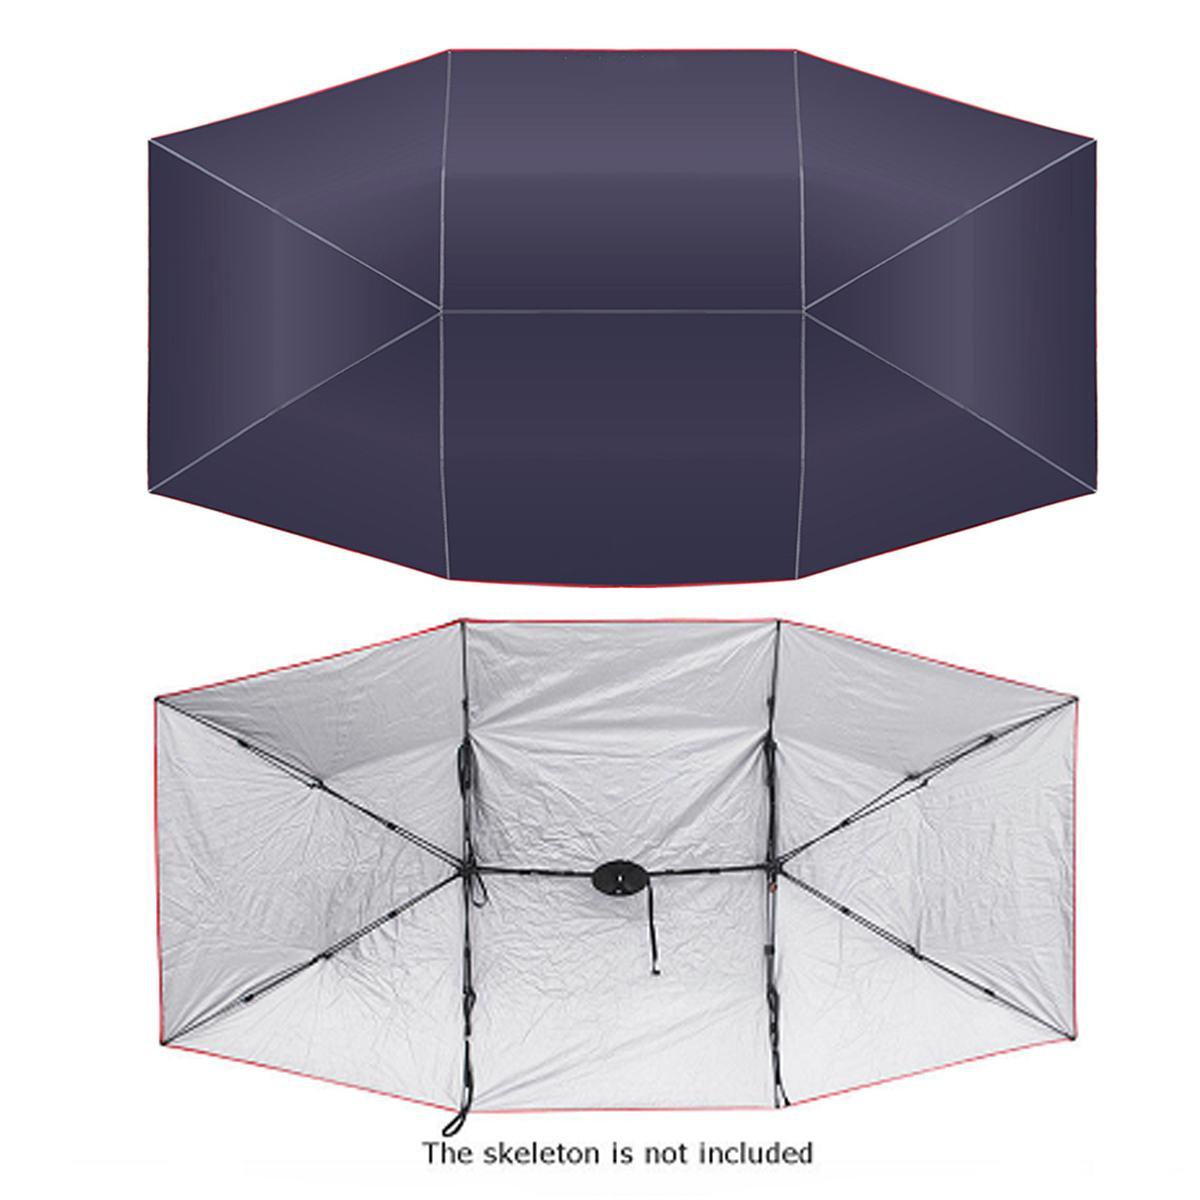 Voiture parapluie soleil ombre couverture extérieure voiture véhicule tente Oxford tissu Polyester couvre 400x210 cm bleu/argent sans support - 3